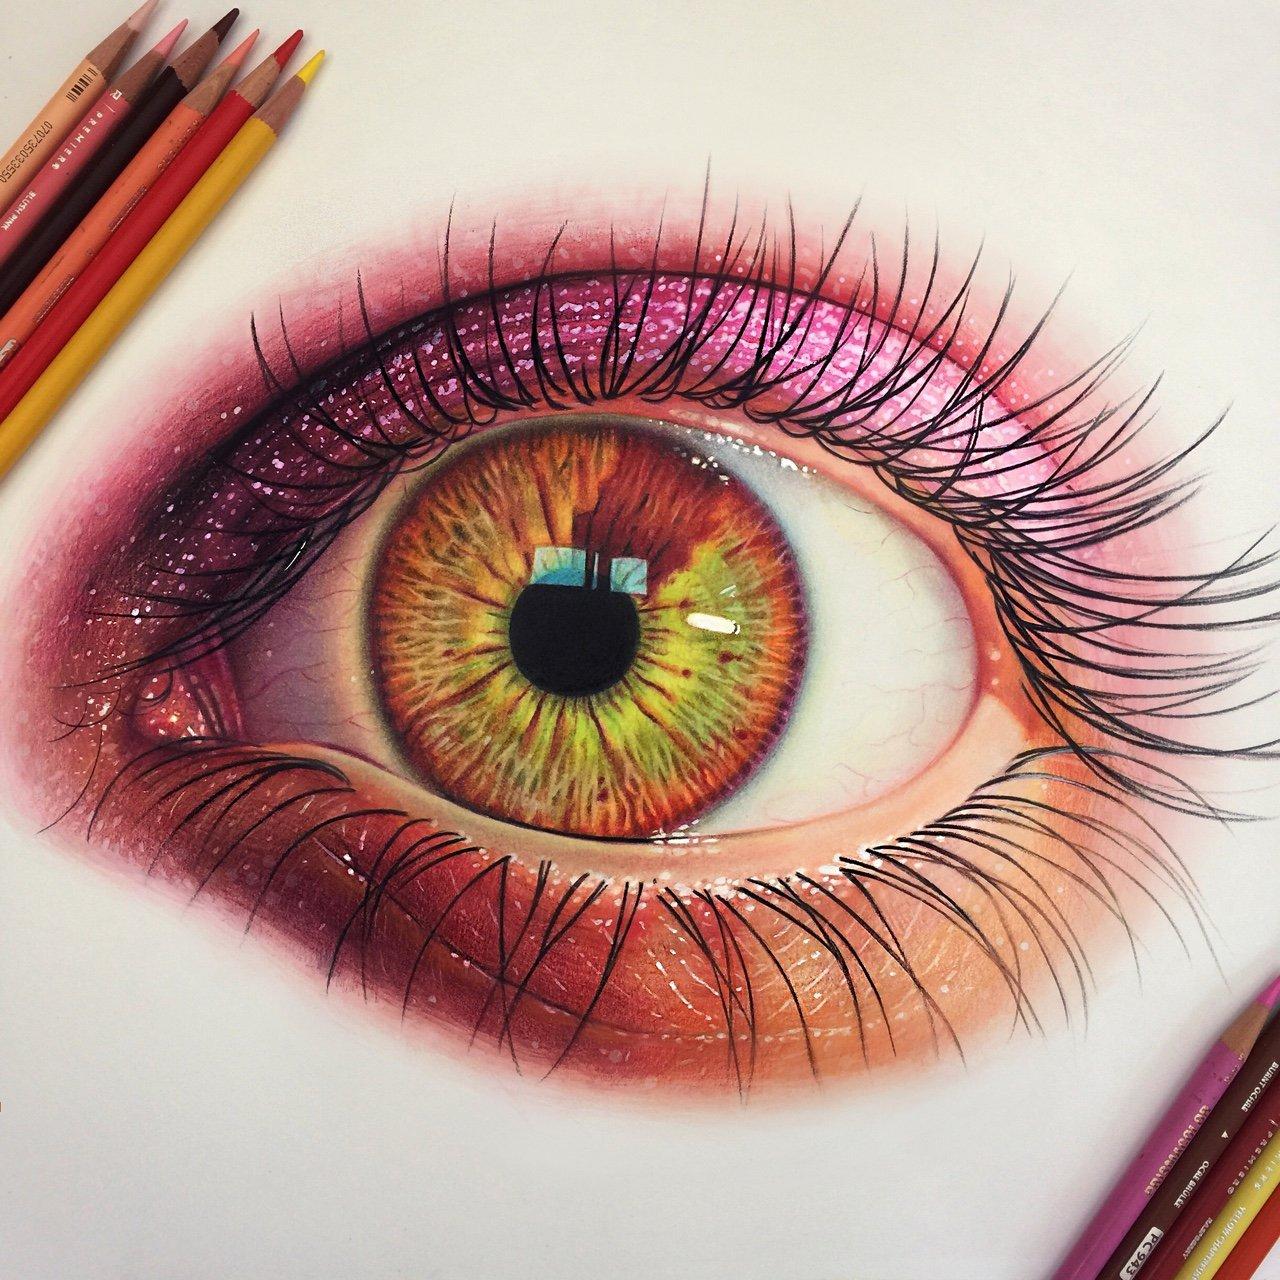 Ilustracoes realistas feitas apenas com lapis de cor (17)